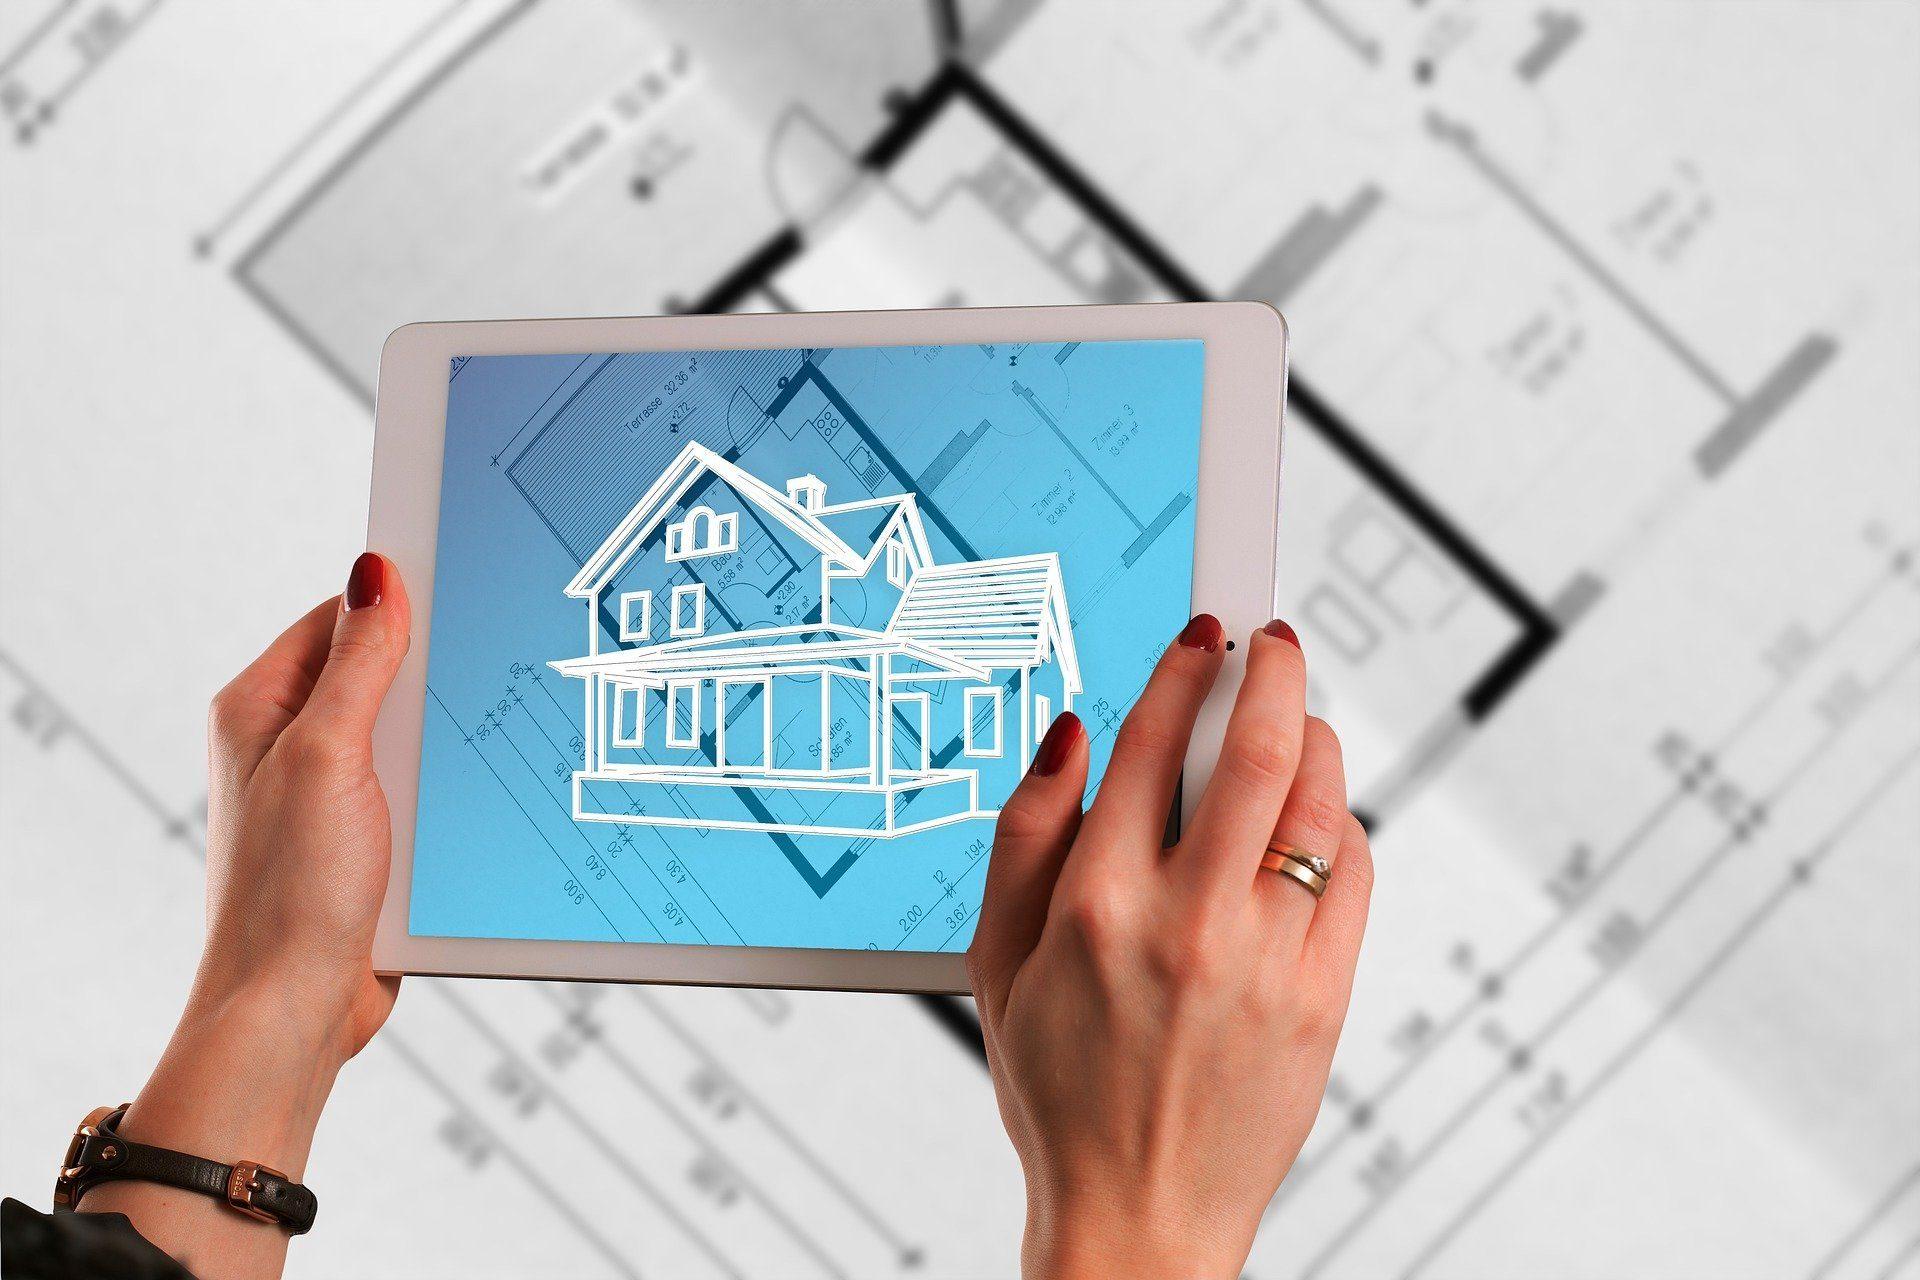 Будущее рядом: цифровая ипотека вскоре станет доступной для россиян